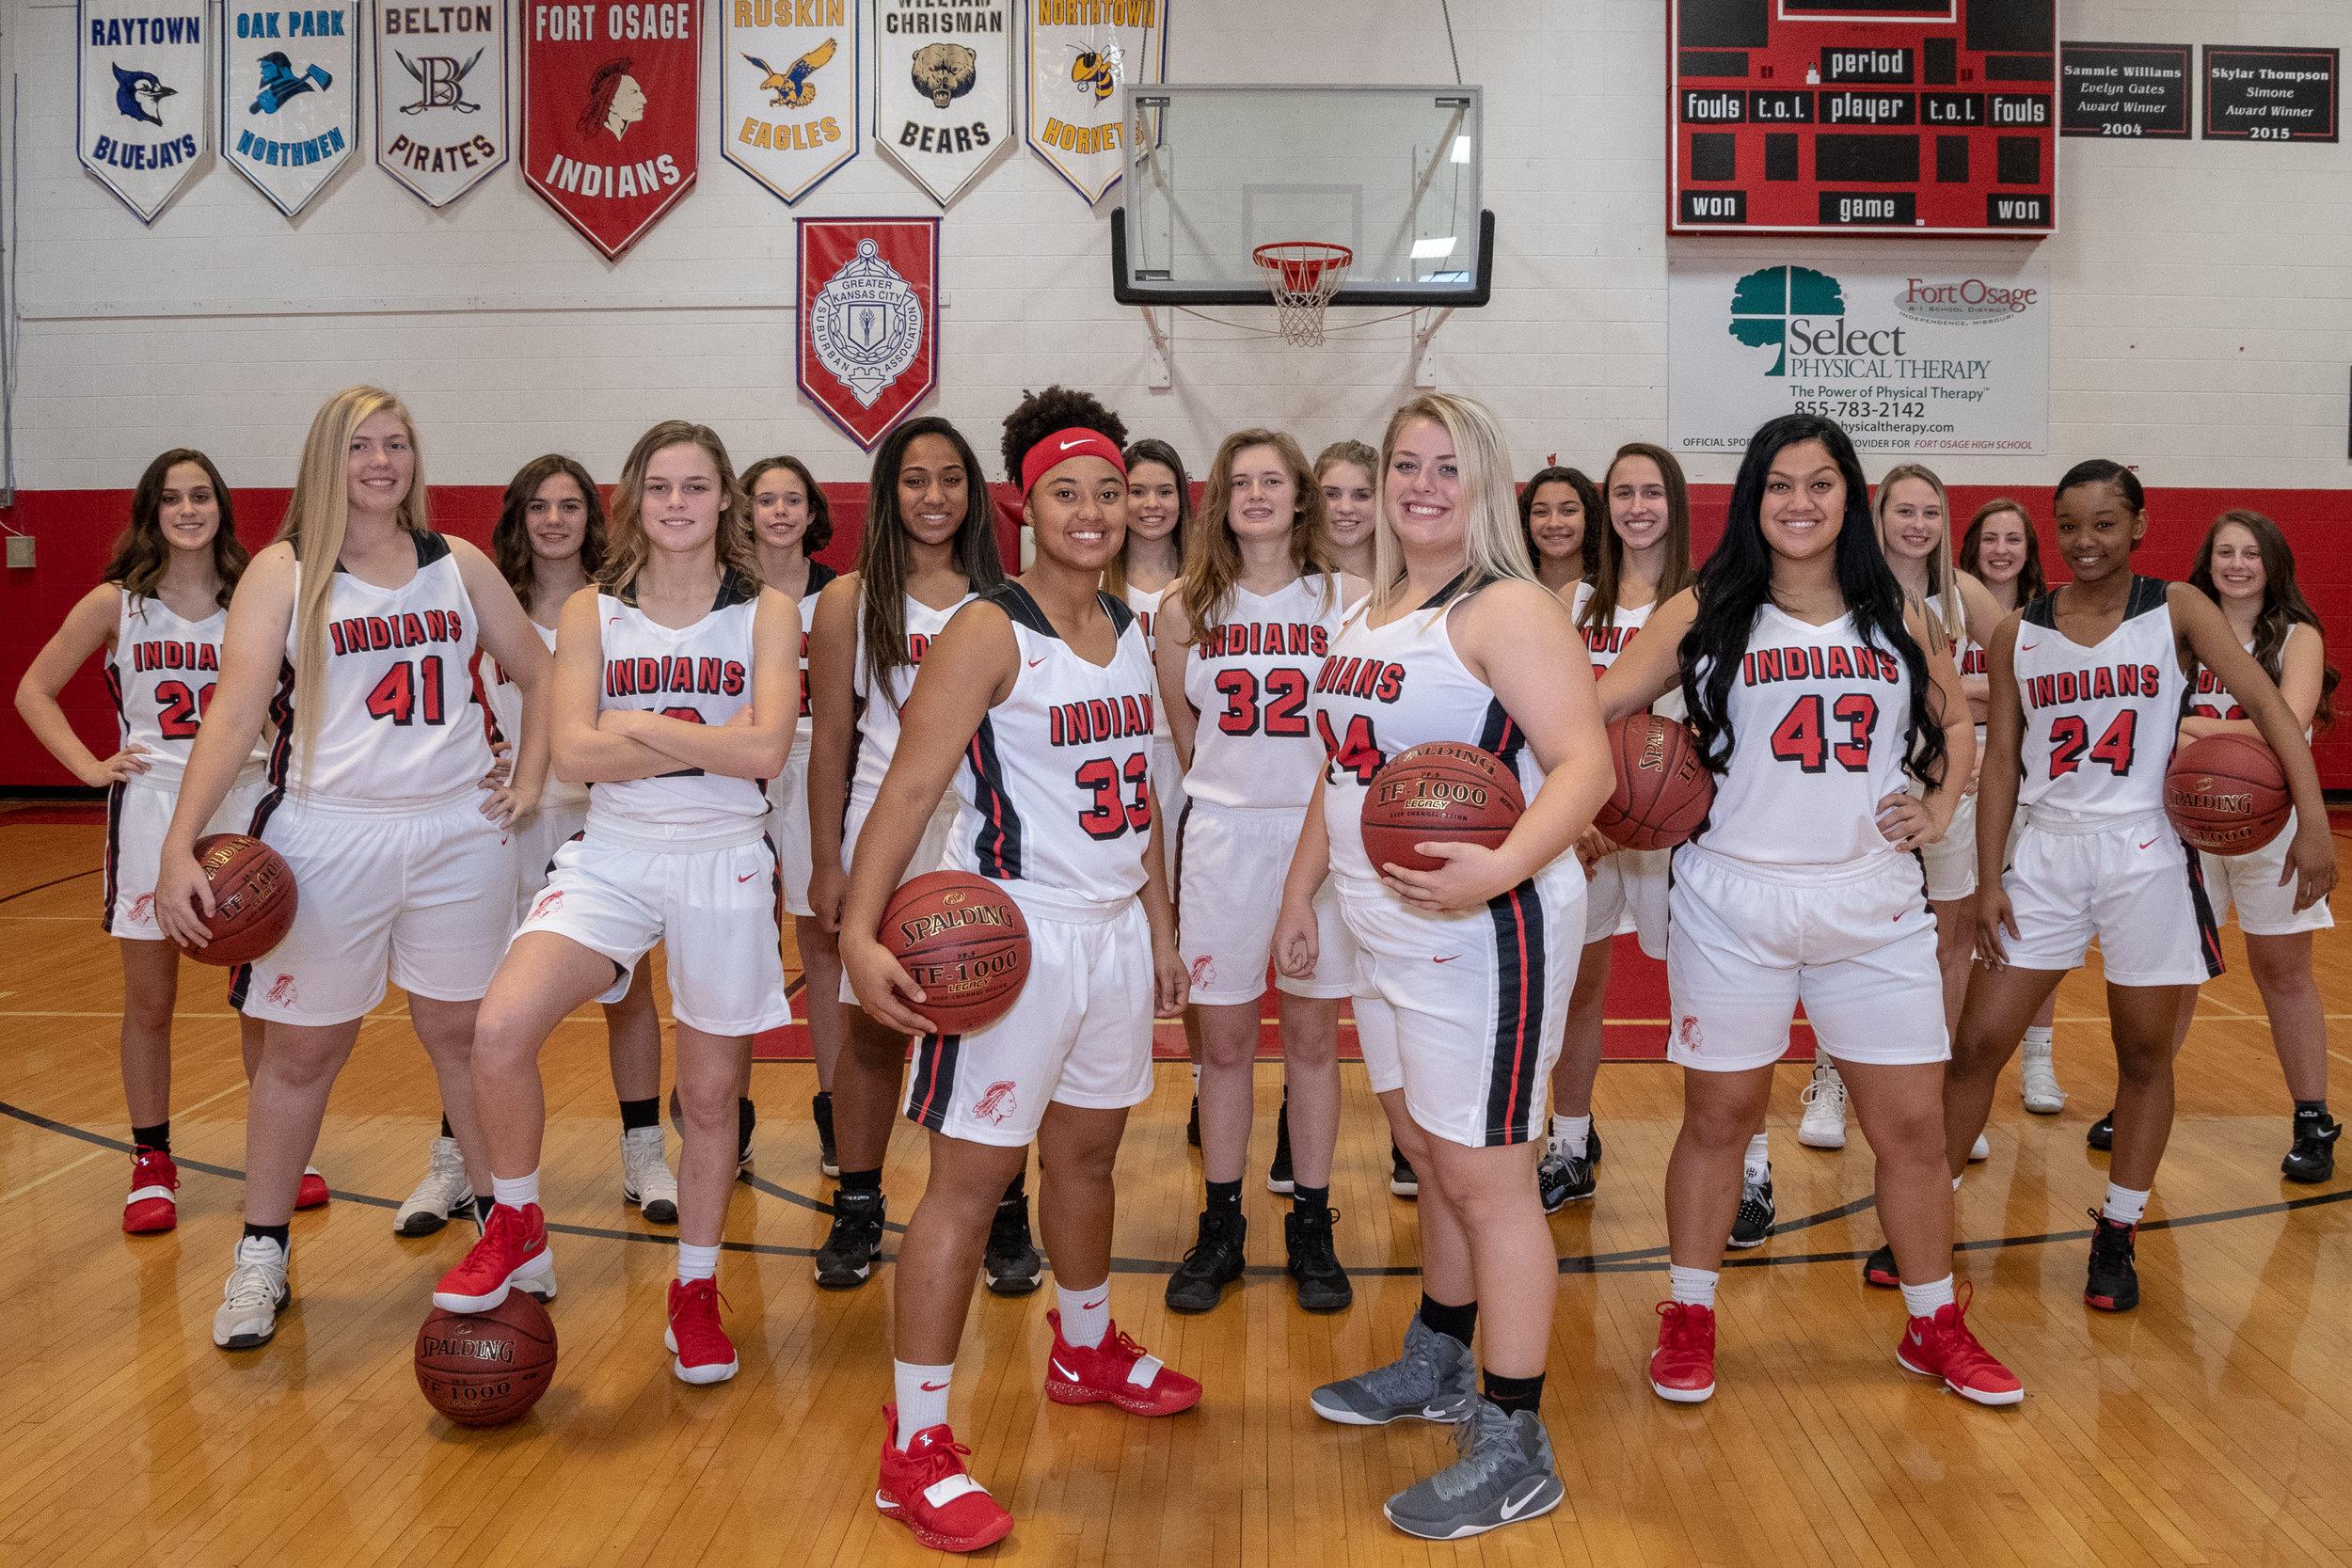 fort-osage-girls-basketball-84-of-93_32206154388_o.jpg